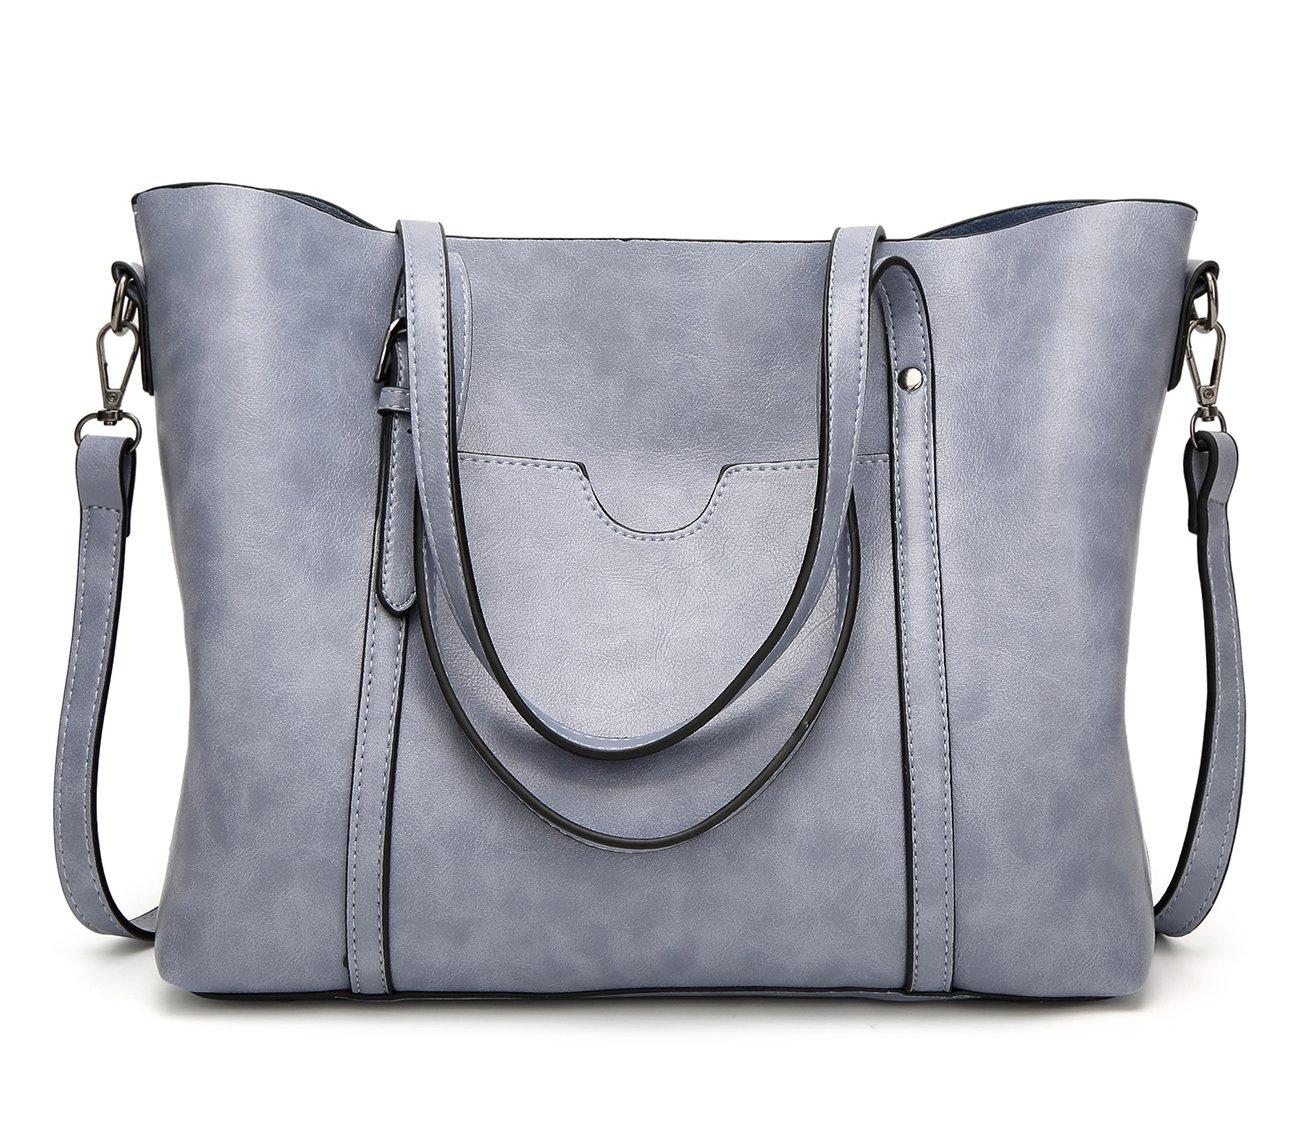 EssVita Sacs à main Femme sacs à bandoulière PU cuir Poignée supérieure Cartable Messager Sac Bleu Clair Ess-Handbags002-LBe